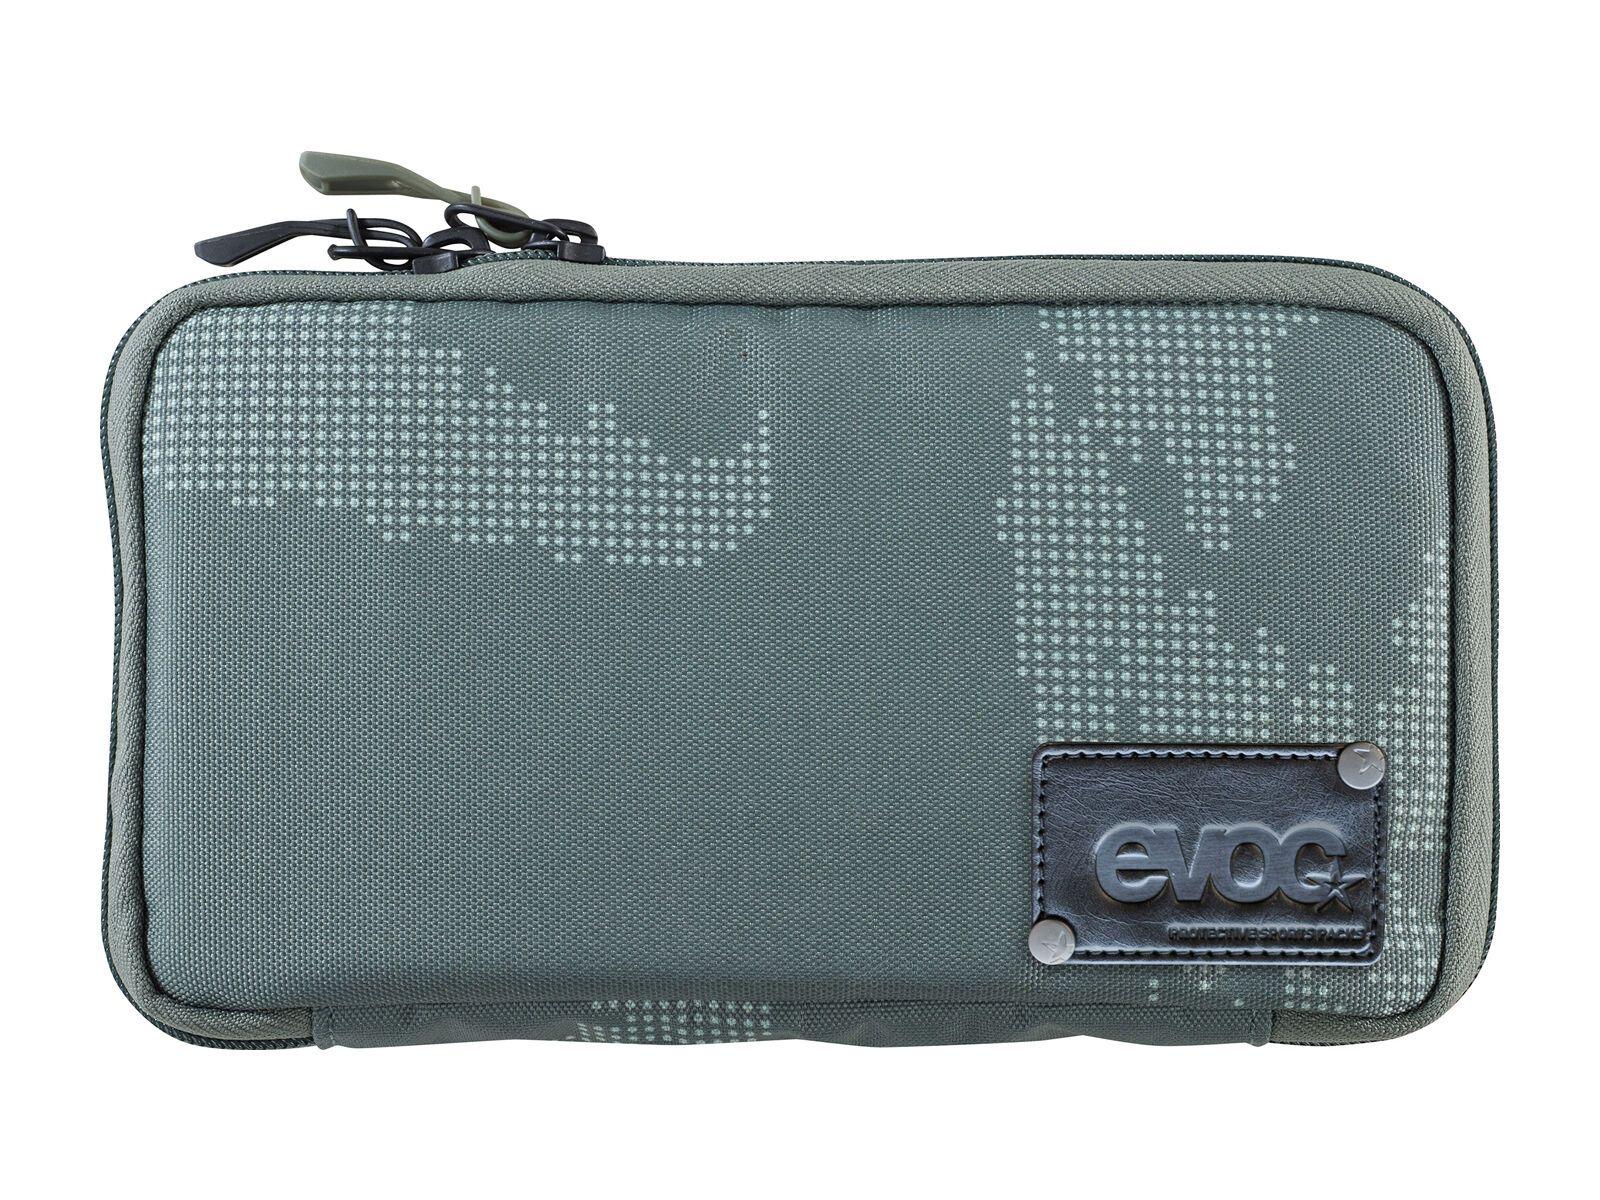 Evoc Travel Case, olive - Wertsachentasche 450717744